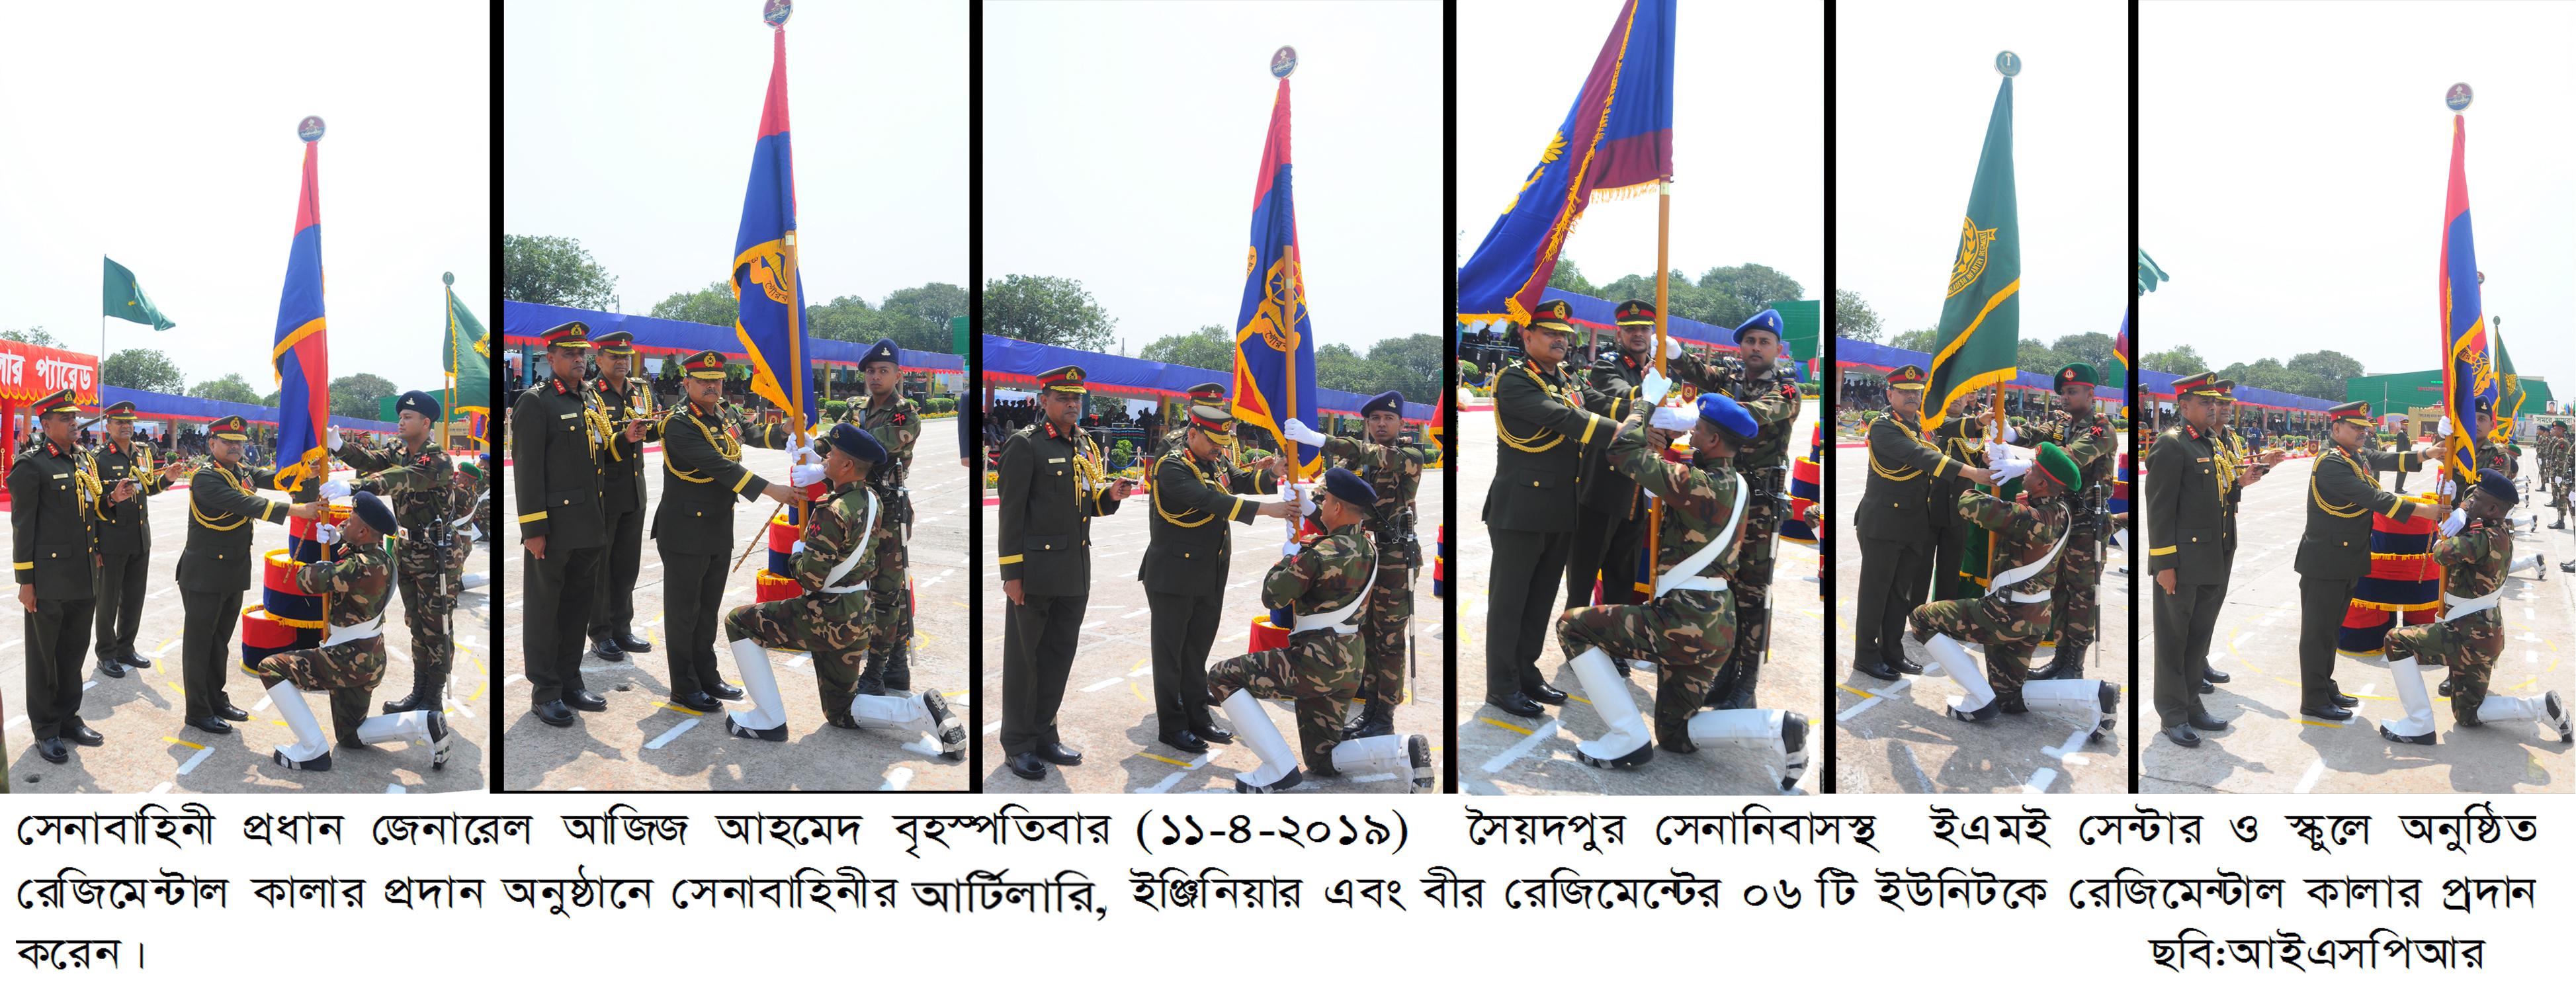 সেনাবাহিনী প্রধান কর্তৃক ০৬ টি ইউনিটকে রেজিমেন্টাল কালার প্রদান